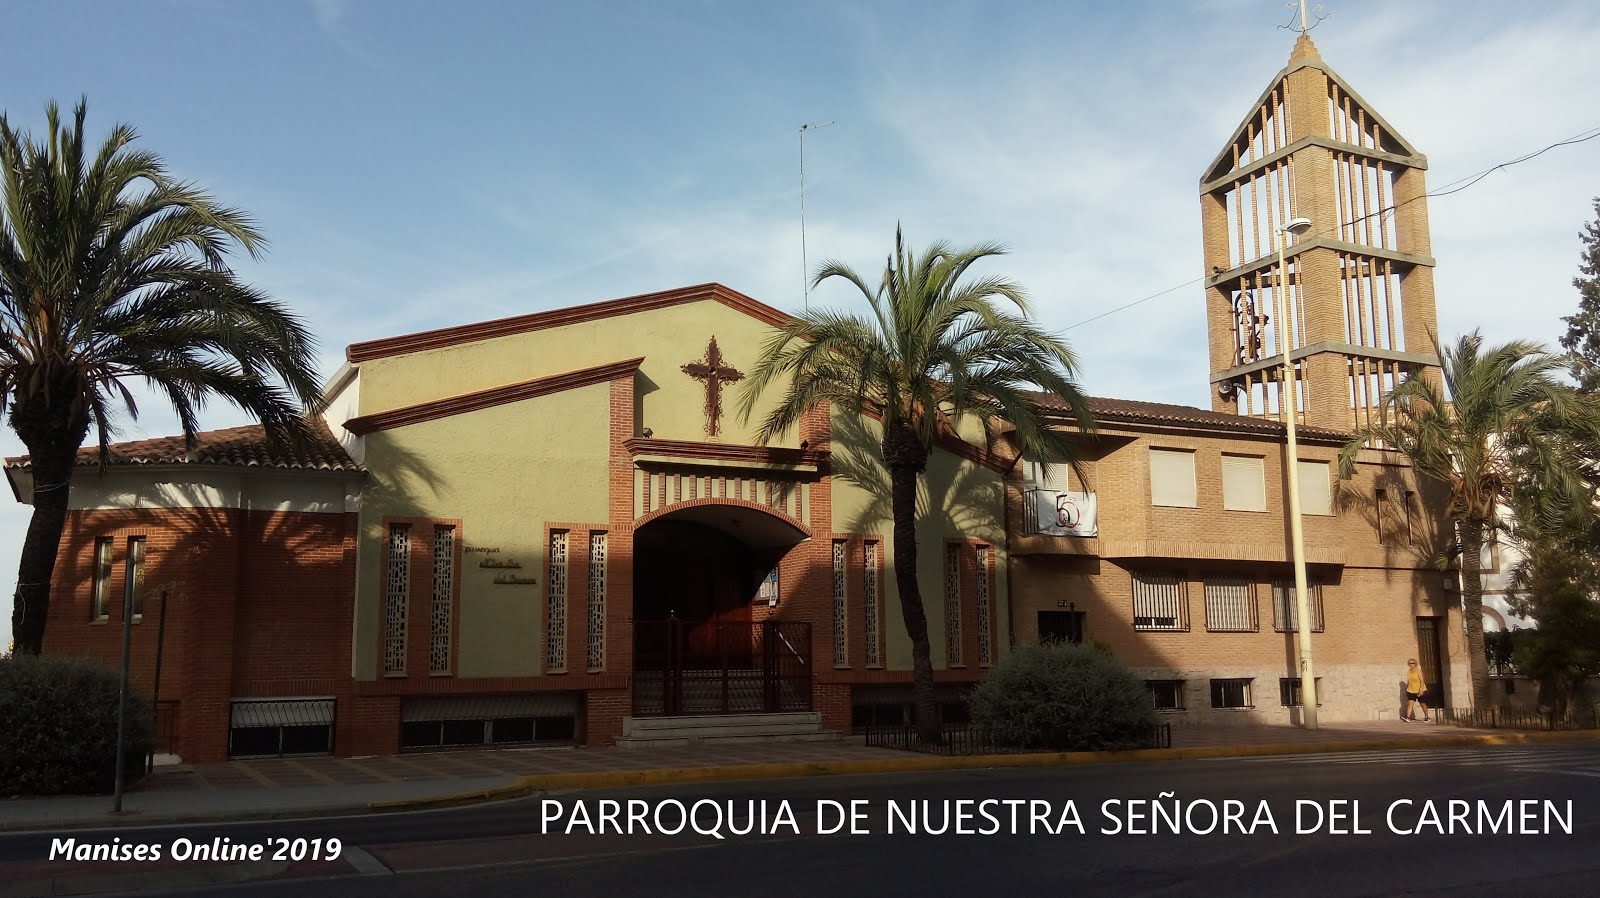 PARROQUIA DE NUESTRA SRA DEL CARMEN 1969 2019